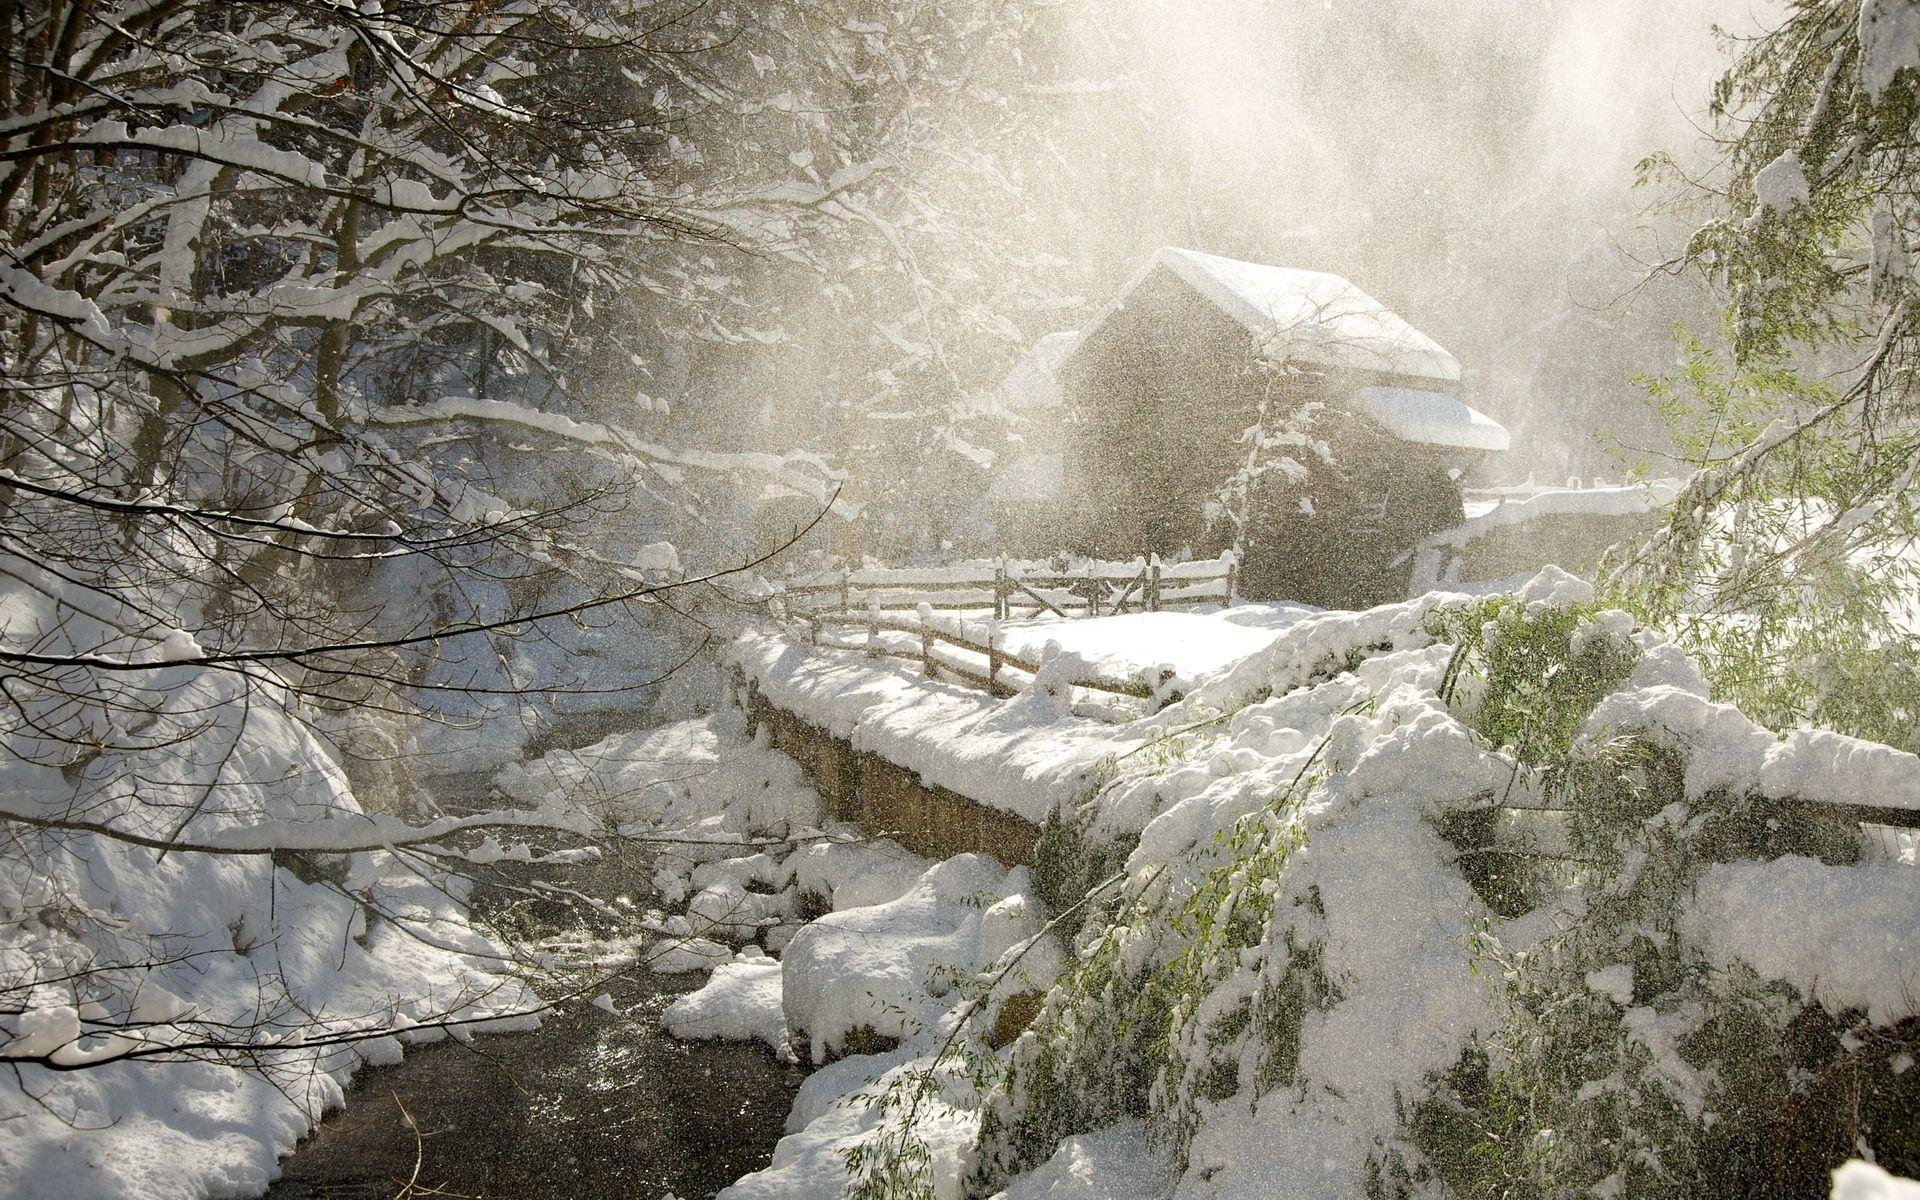 Fonds D Ecran Saison Hiver Neige Nature Image 327381 Telecharger Scene D Hiver Paysage De Neige Fond Ecran Hiver